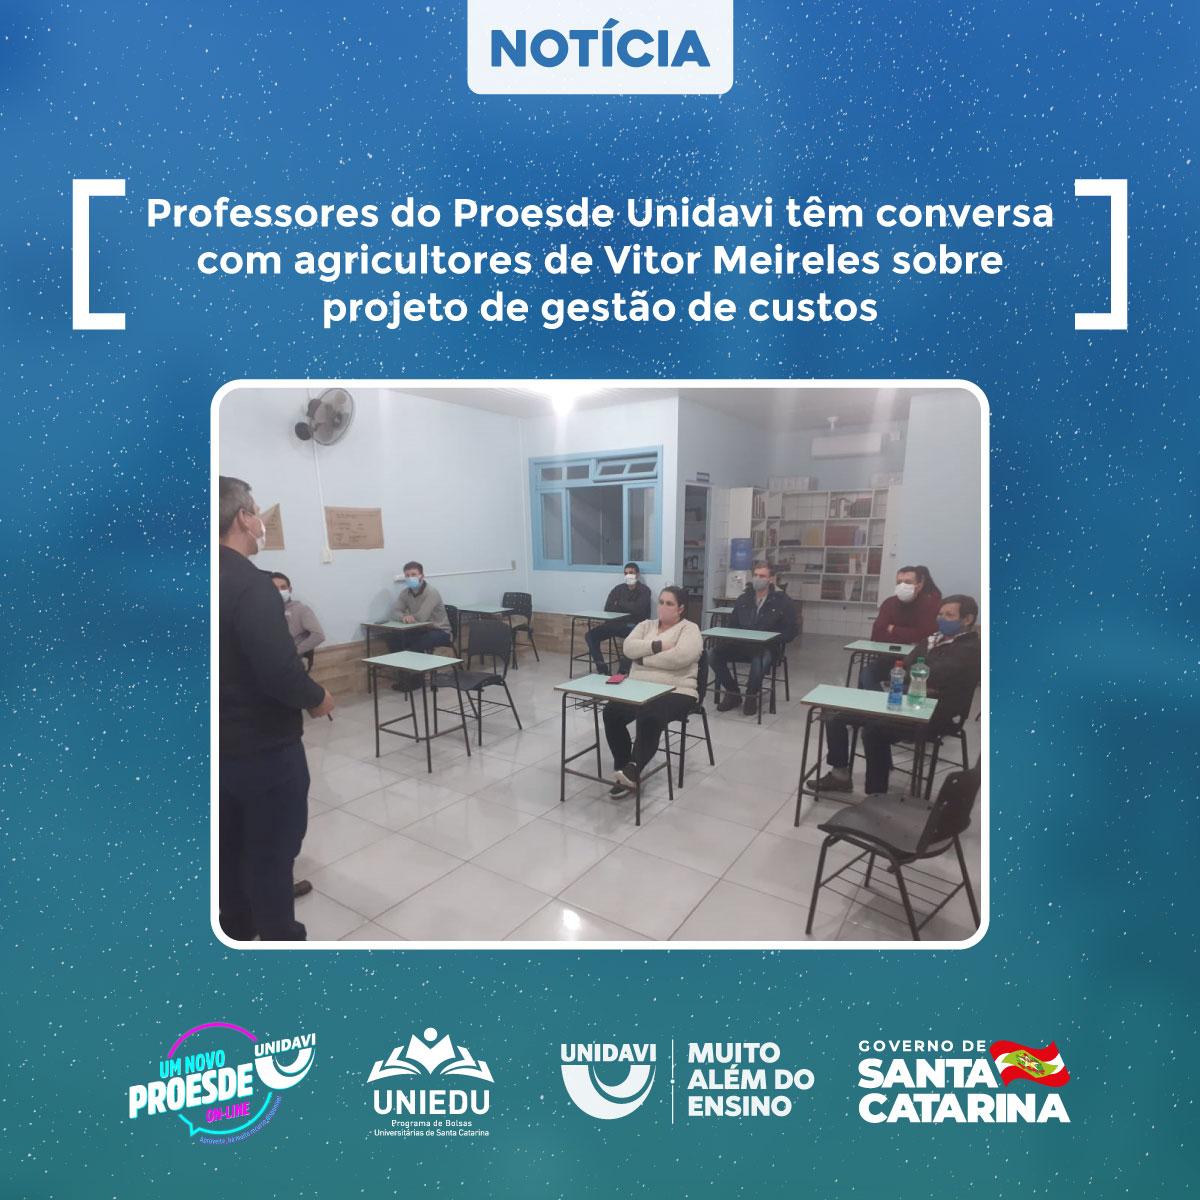 Professores do Proesde Unidavi têm conversa com agricultores de Vitor Meireles sobre projeto de gestão de custos